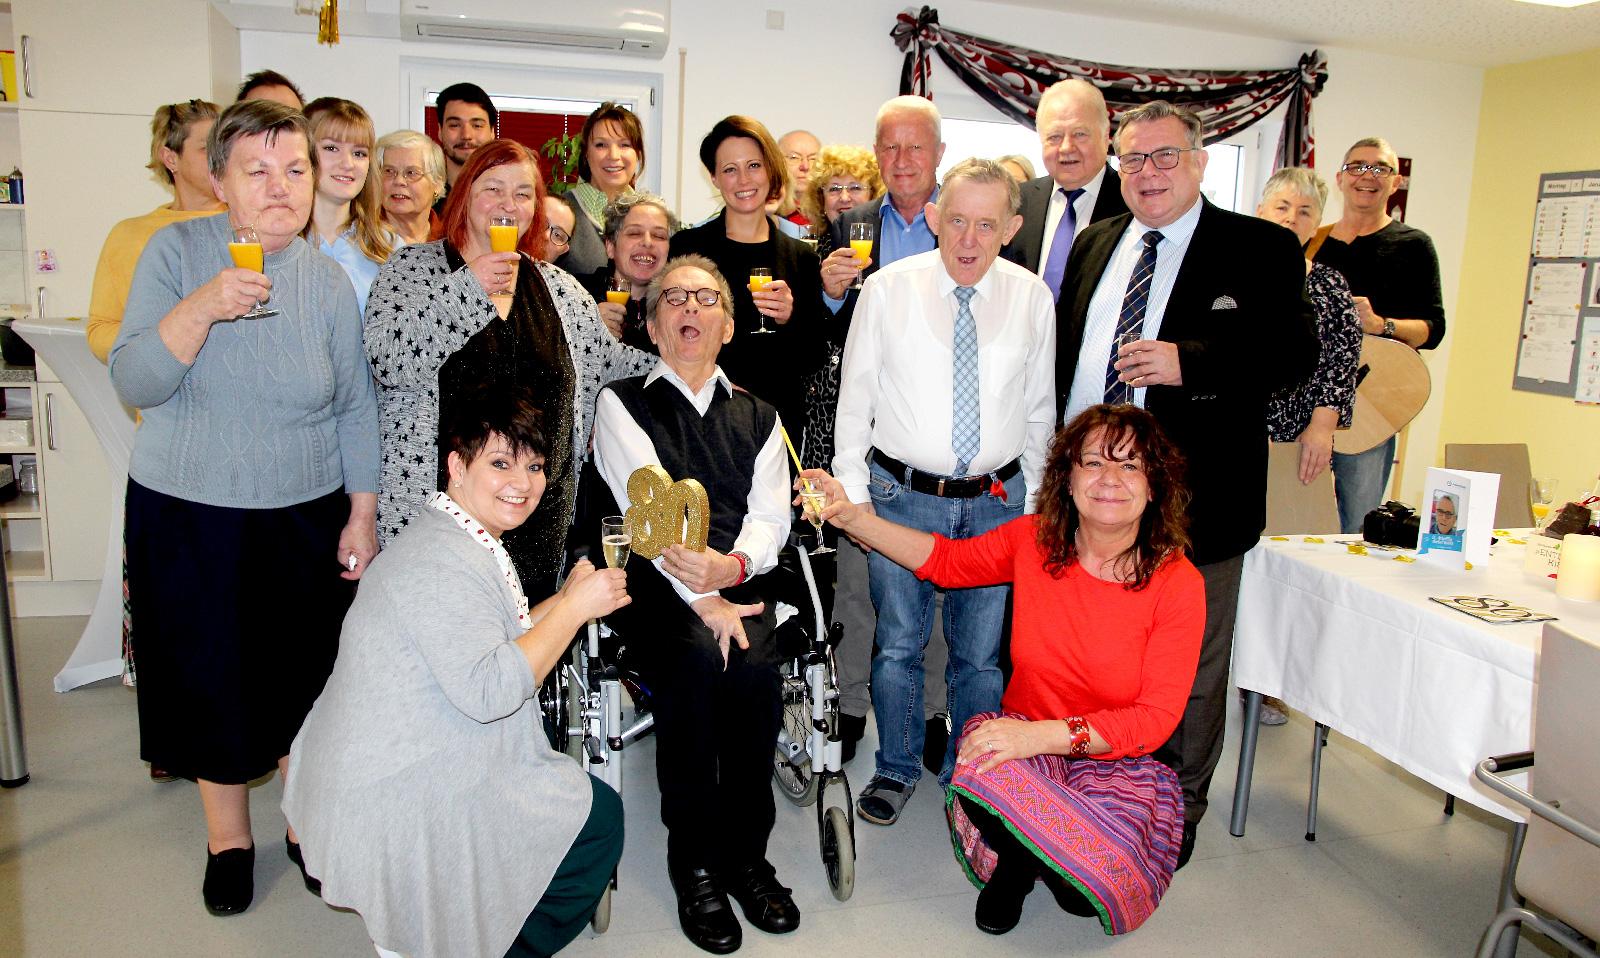 Feste muss man Feiern wie sie fallen! Jubilar Norbert Mahlich freute sich über die vielen Glückwünsche zu seinem 80. Ehrentag.